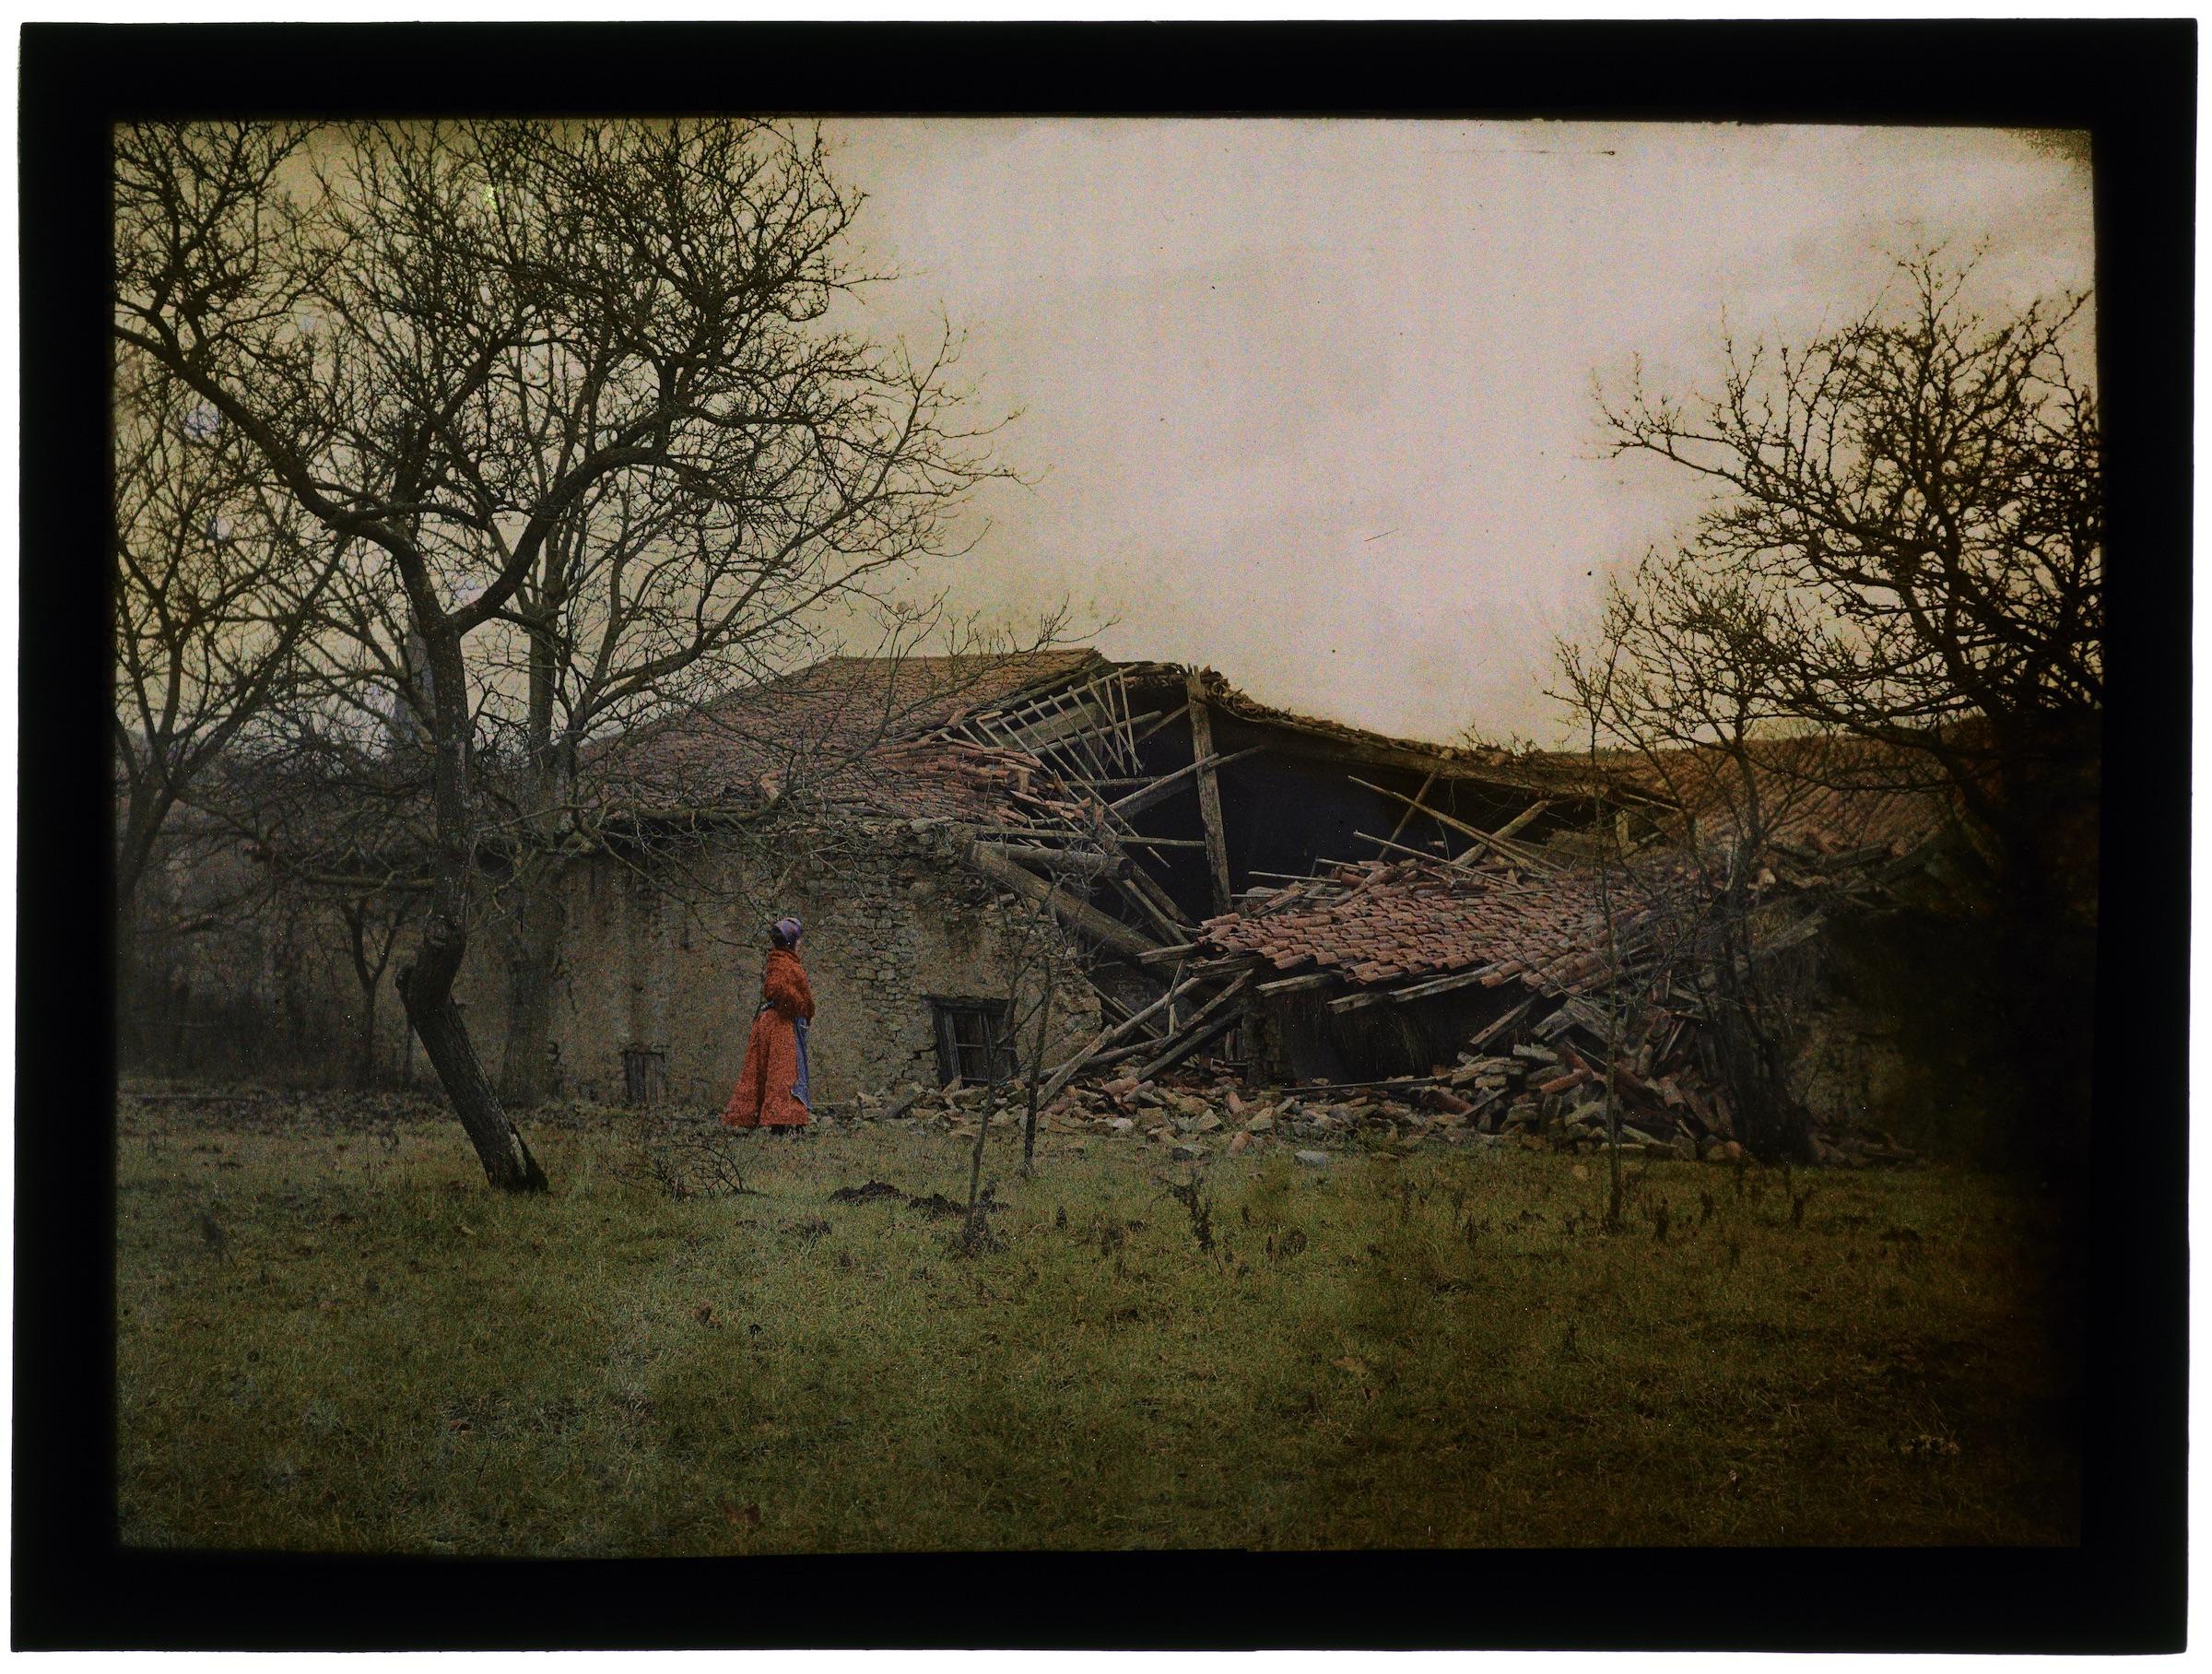 Maison écroulée avec ouvrier